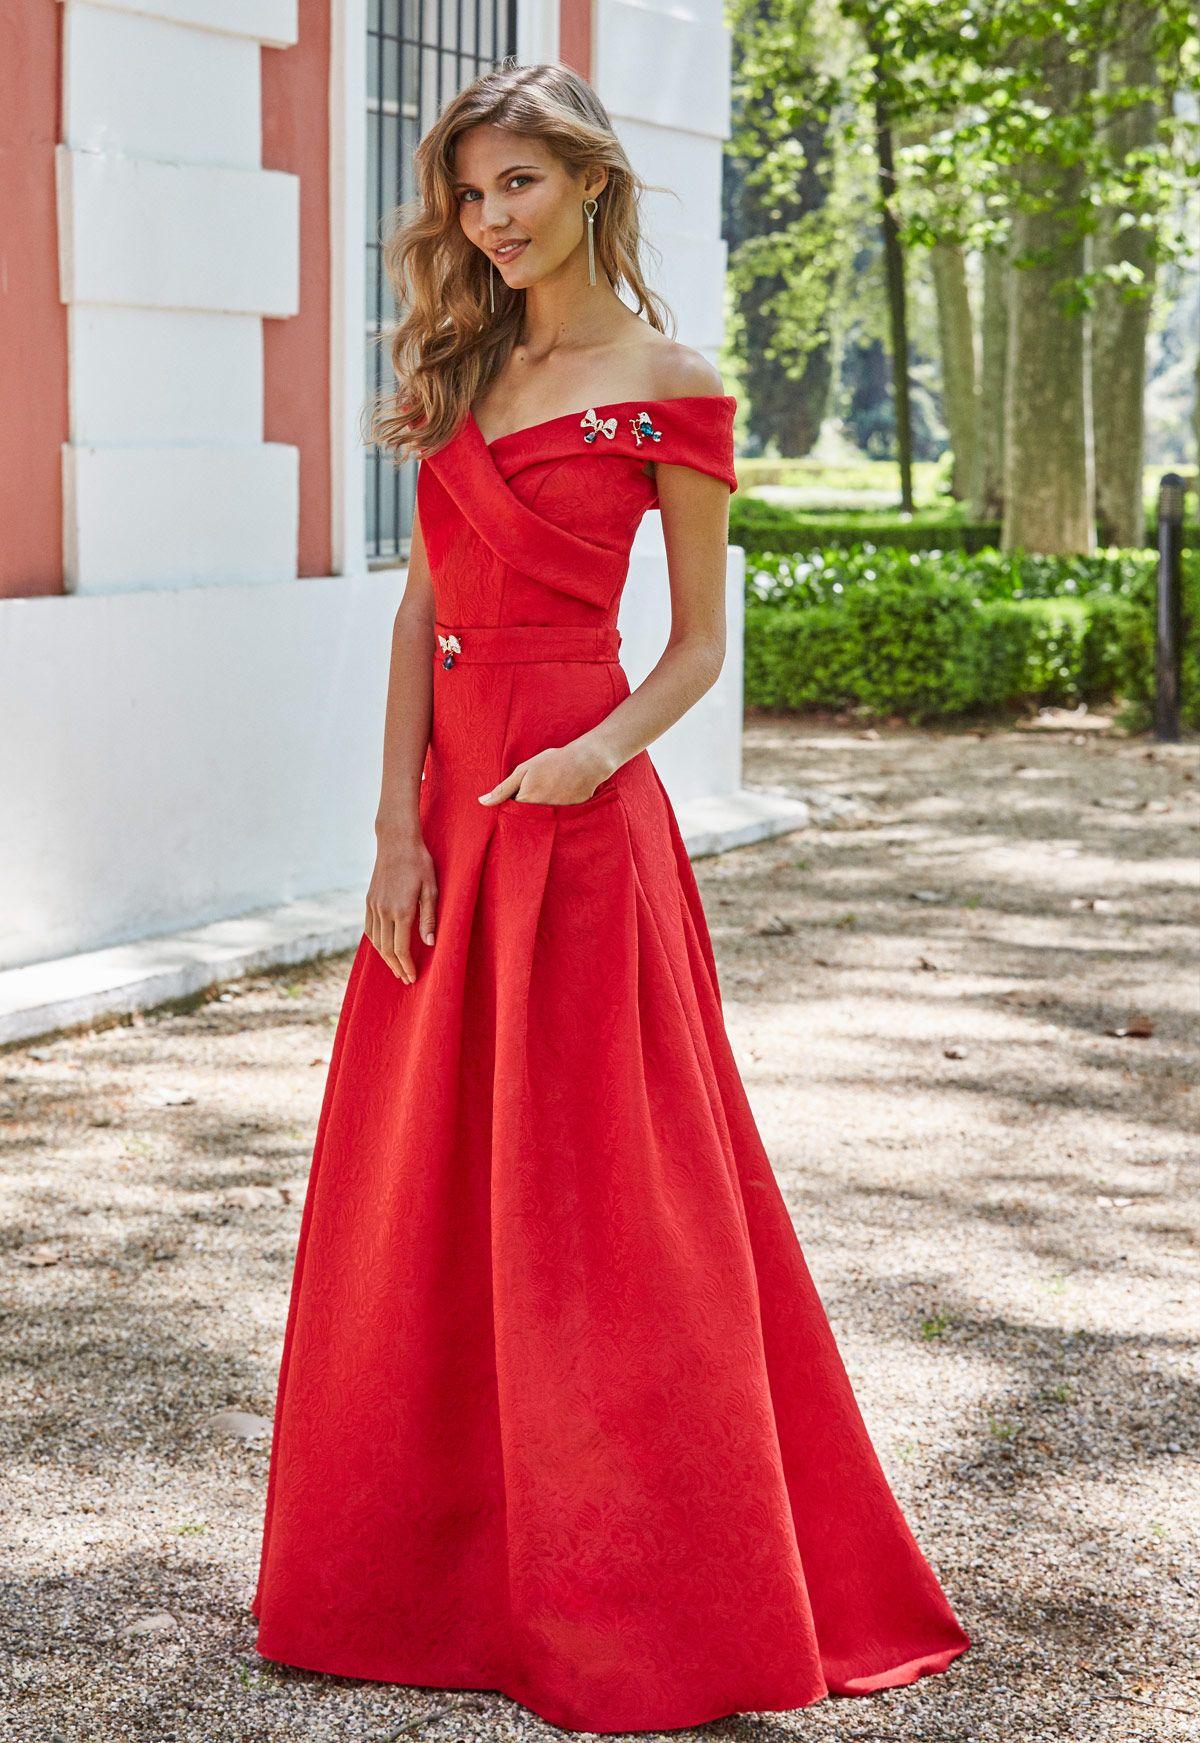 5dbe1bbeb9 Tienda de vestidos de fiesta y madrina en Madrid de Ana Torres colección  2018 modelo 18058A